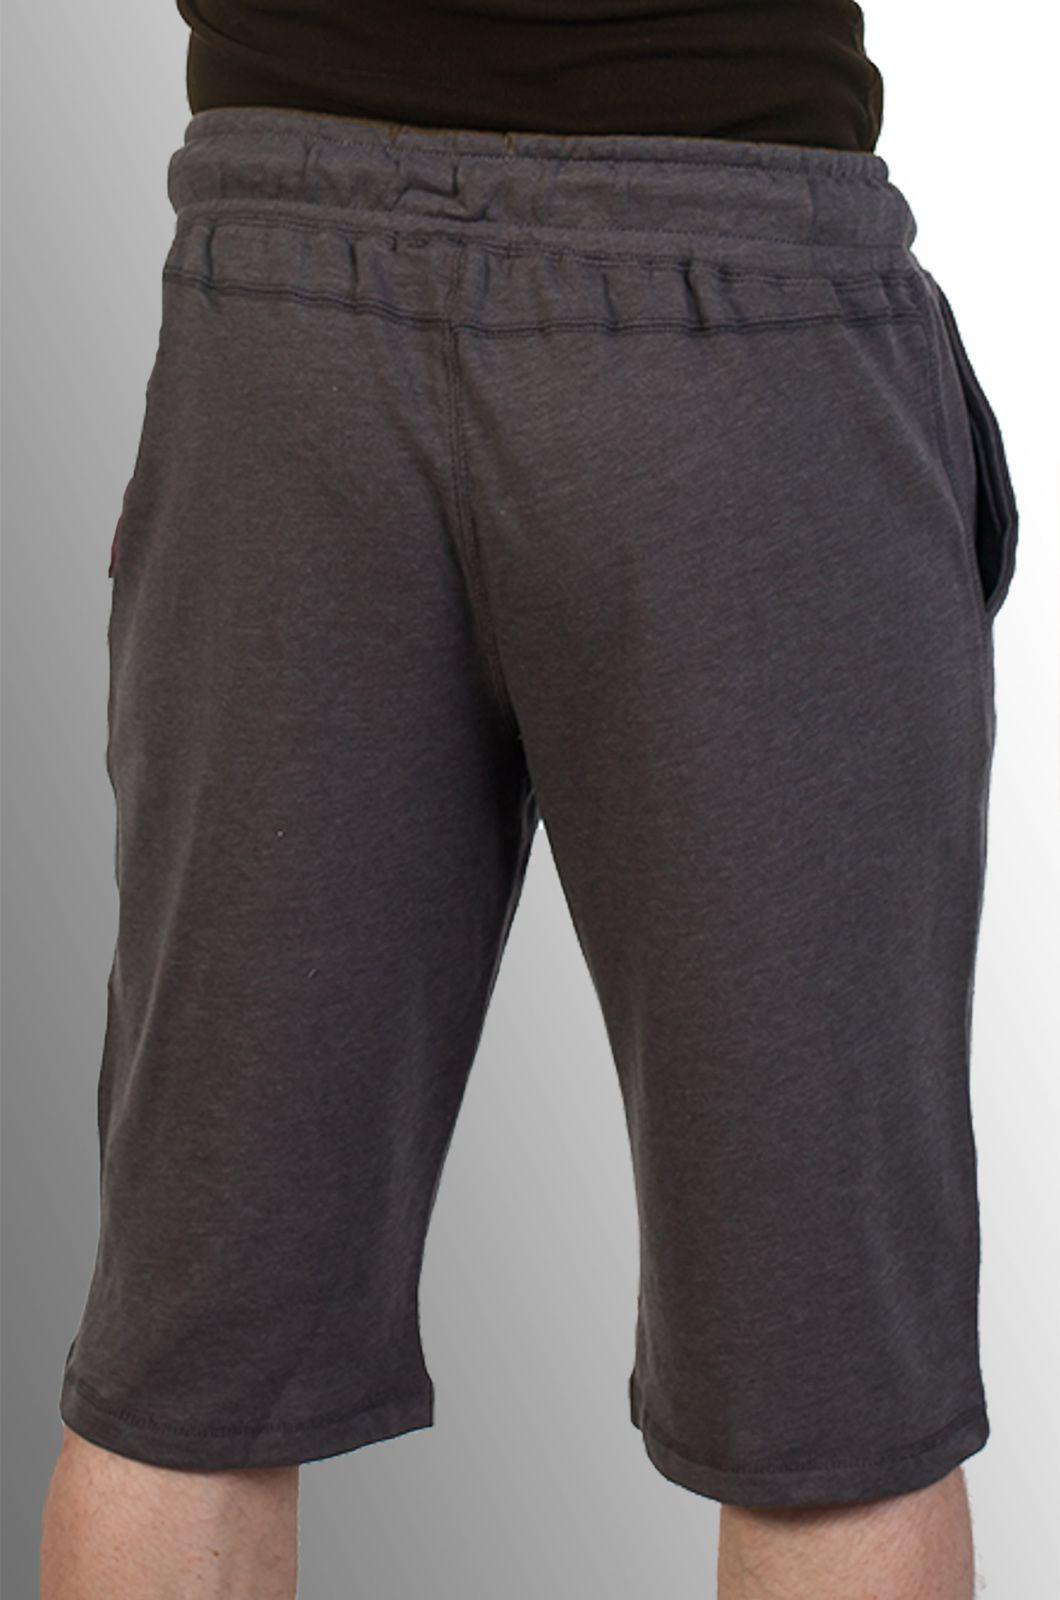 Мужские шорты для дома с доставкой